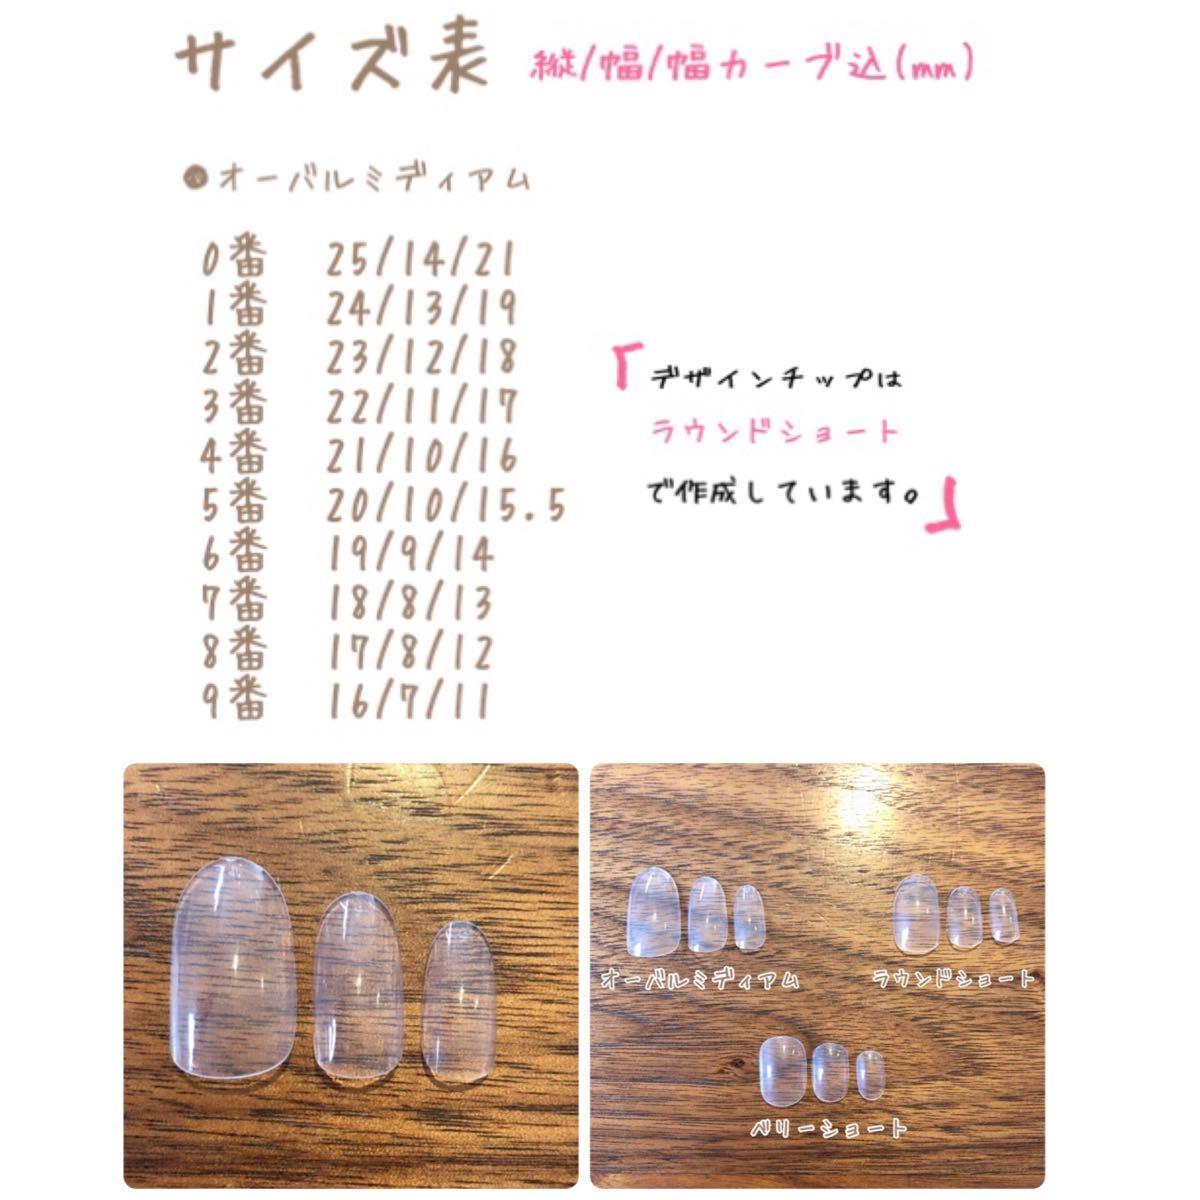 ネイルチップ No.15 シンプル ワンカラー カーキ ベージュ ネイル